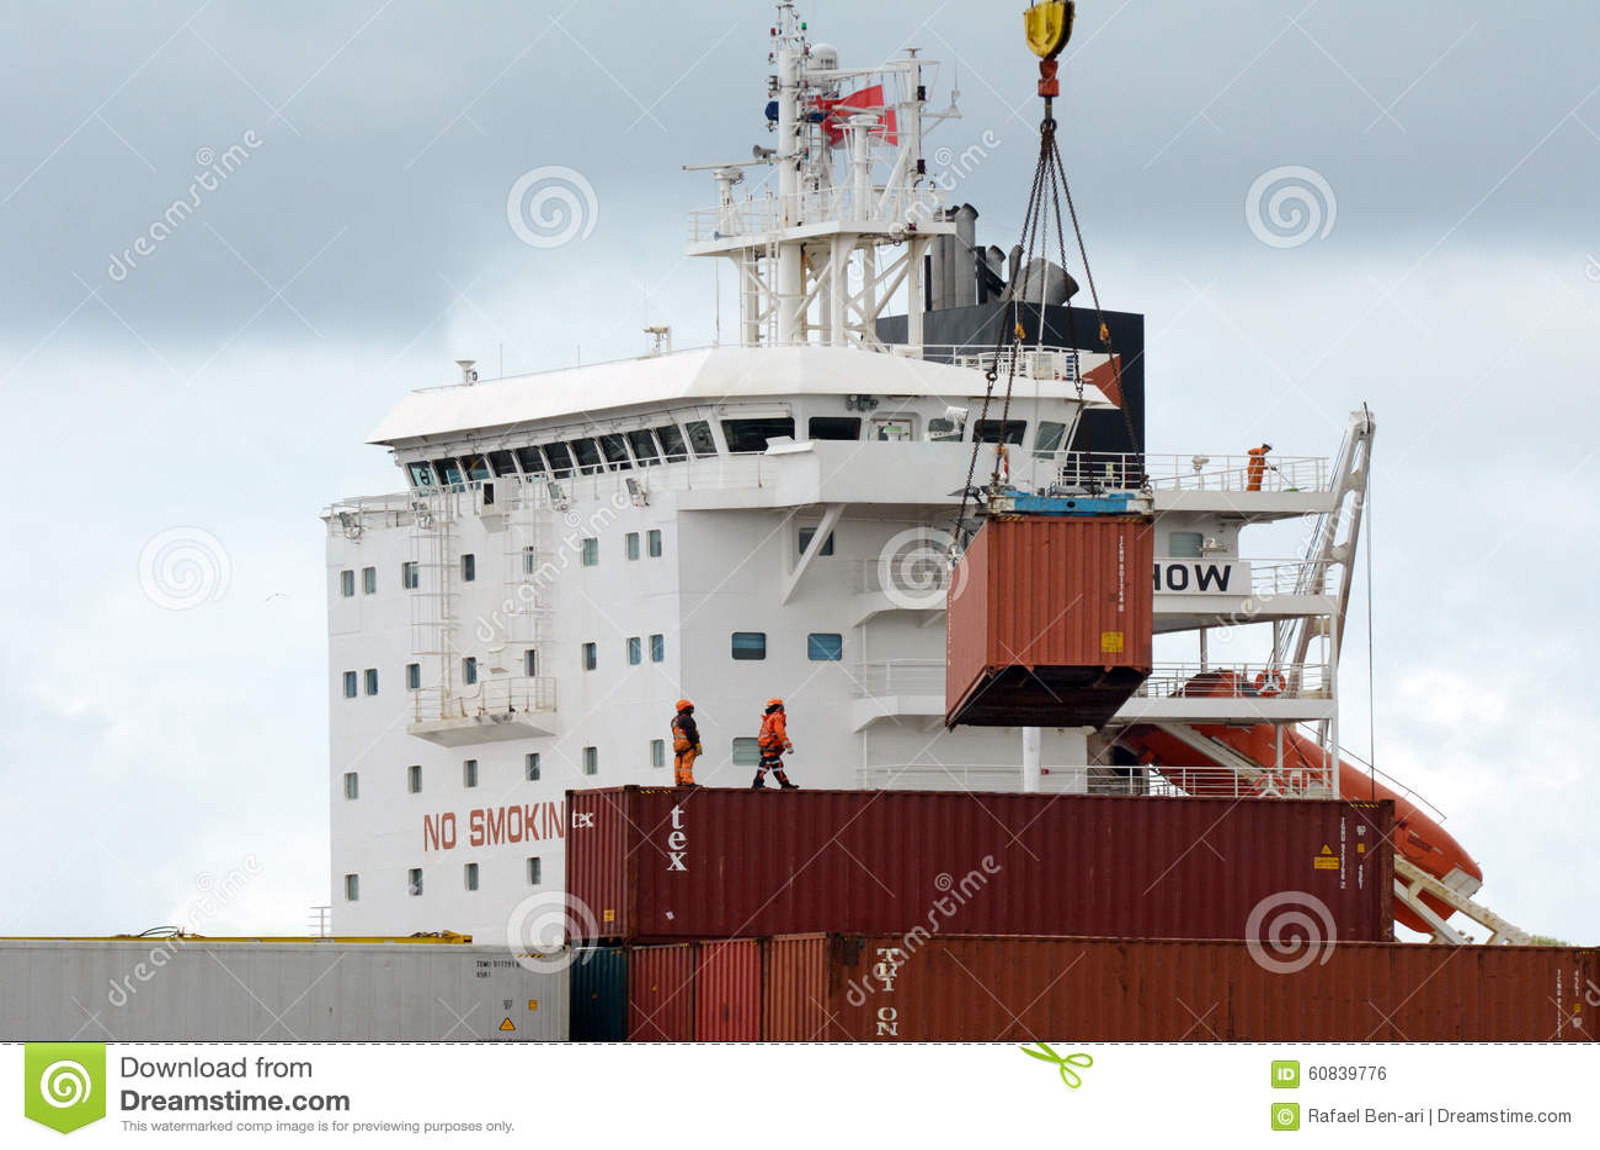 Cargo Ship Travel United States To New Zealand